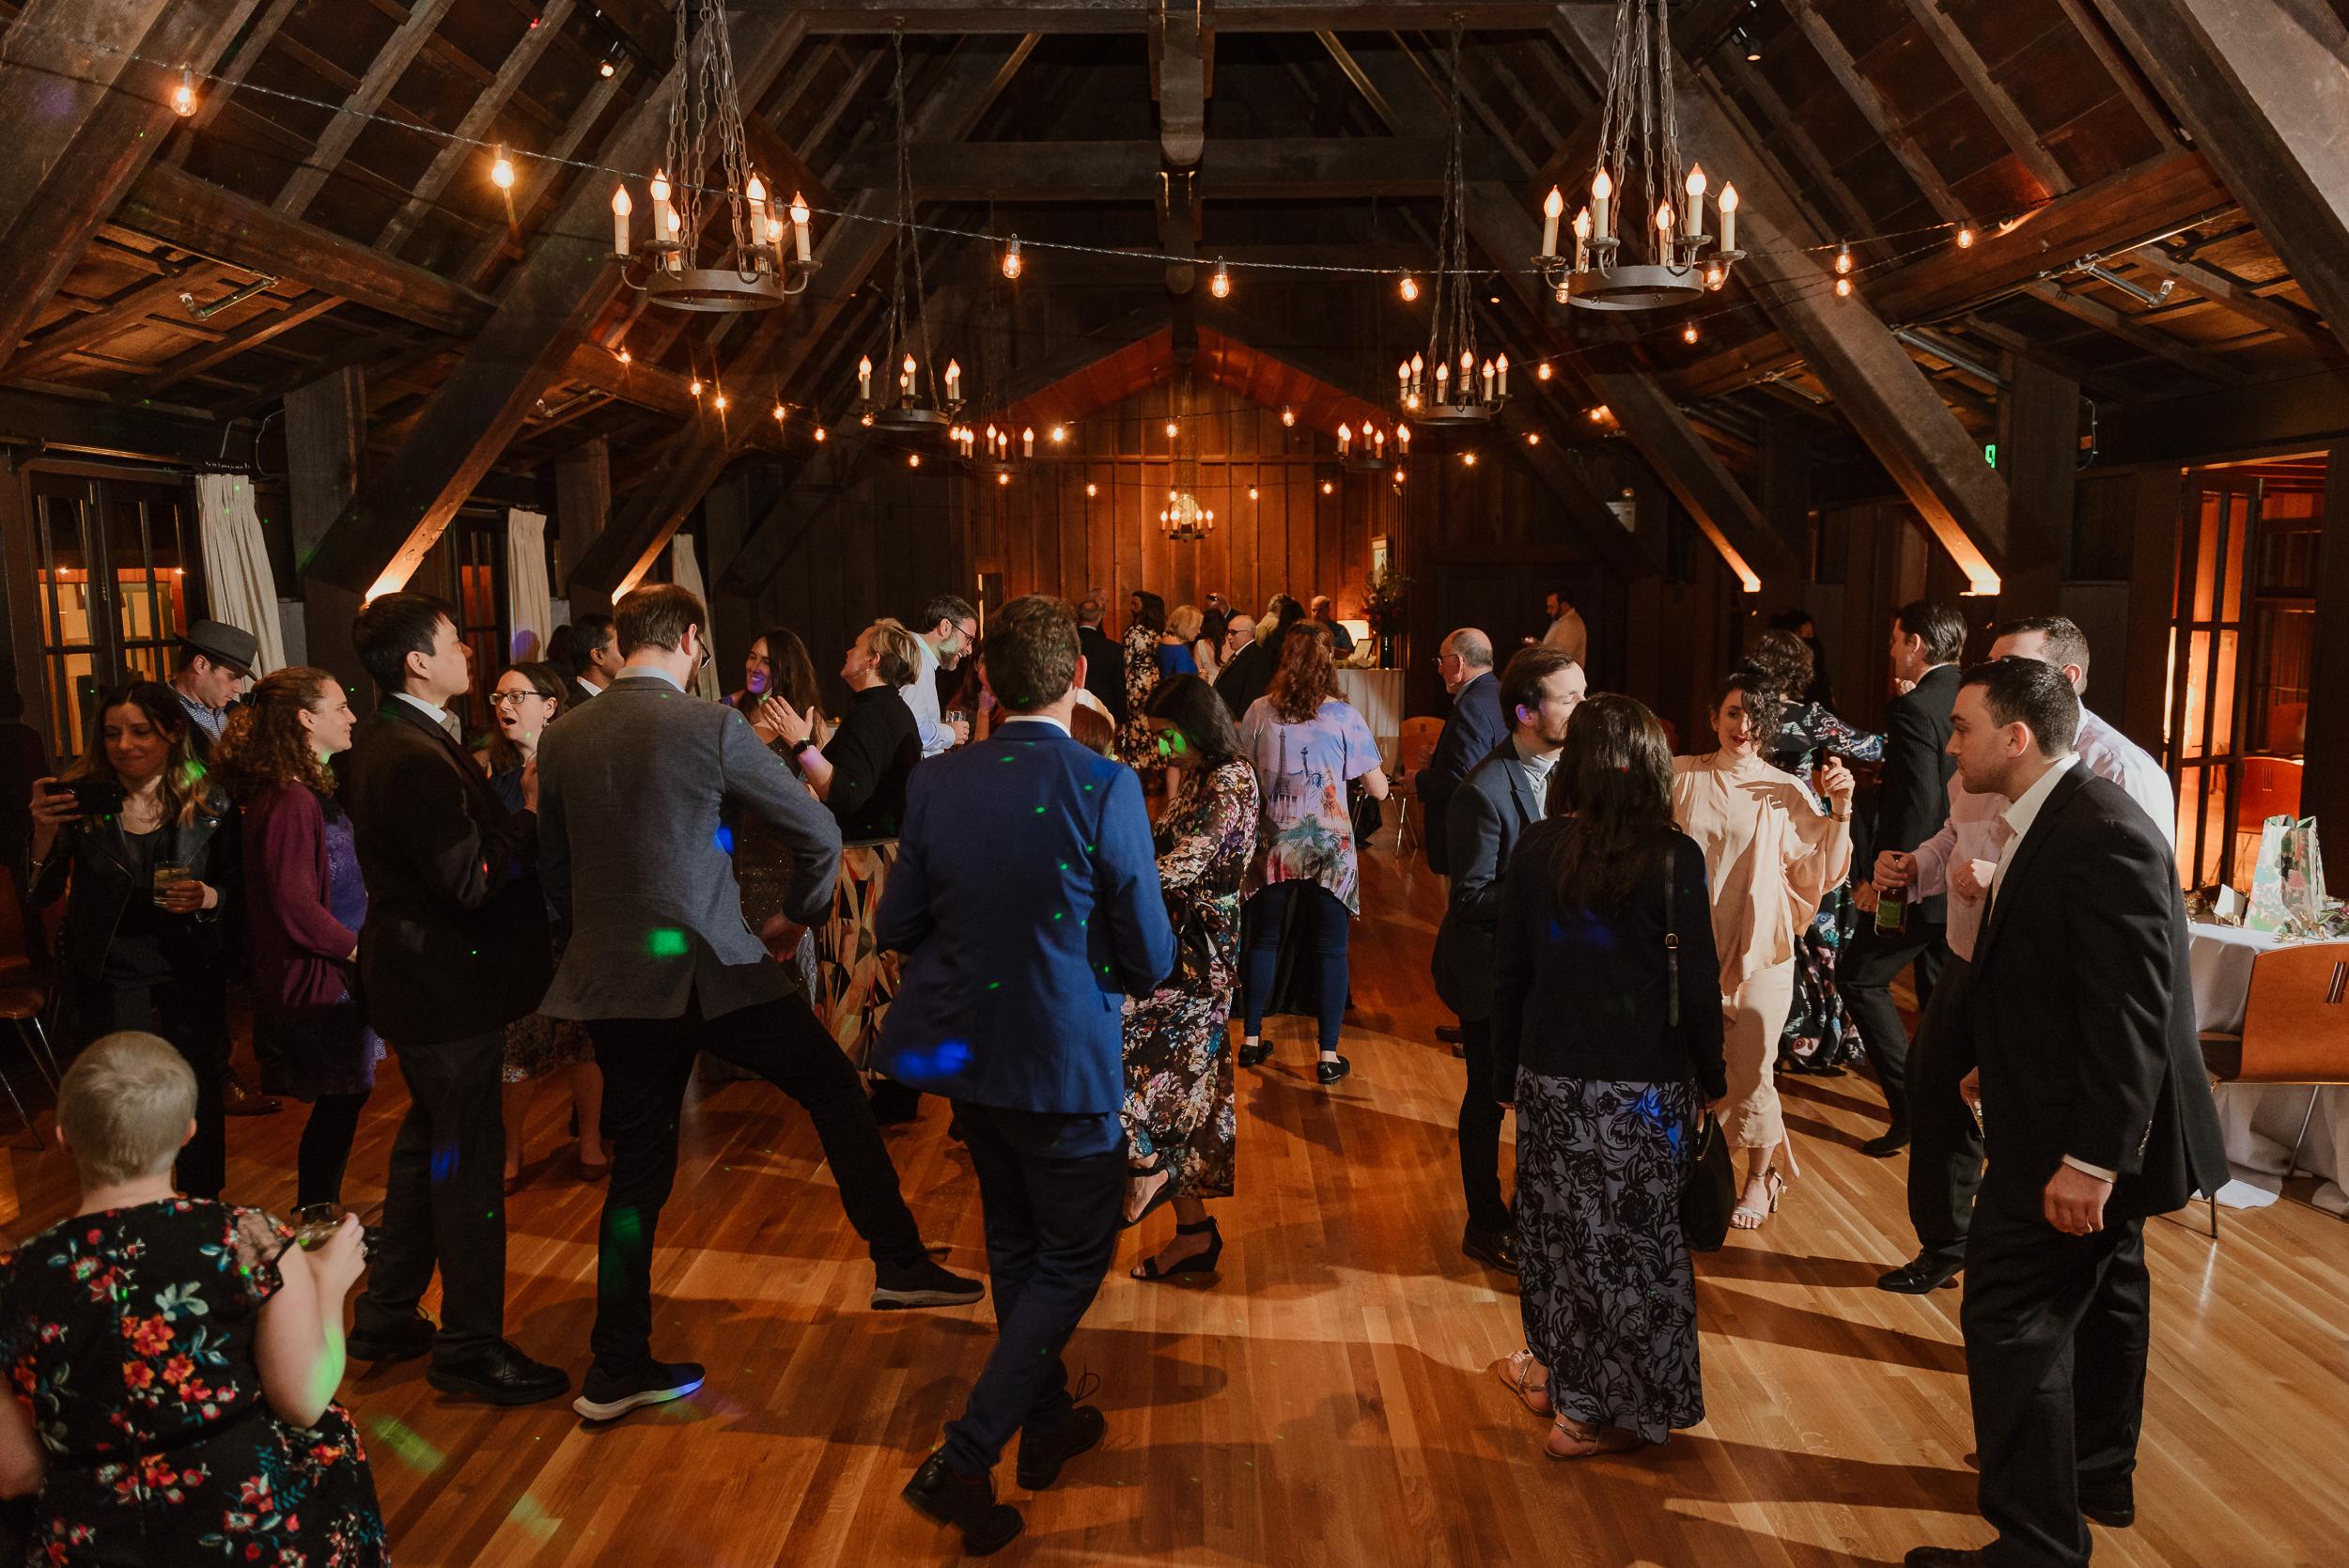 088winter-mill-valley-wedding-outdoor-art-club-wedding-vivianchen-499.jpg